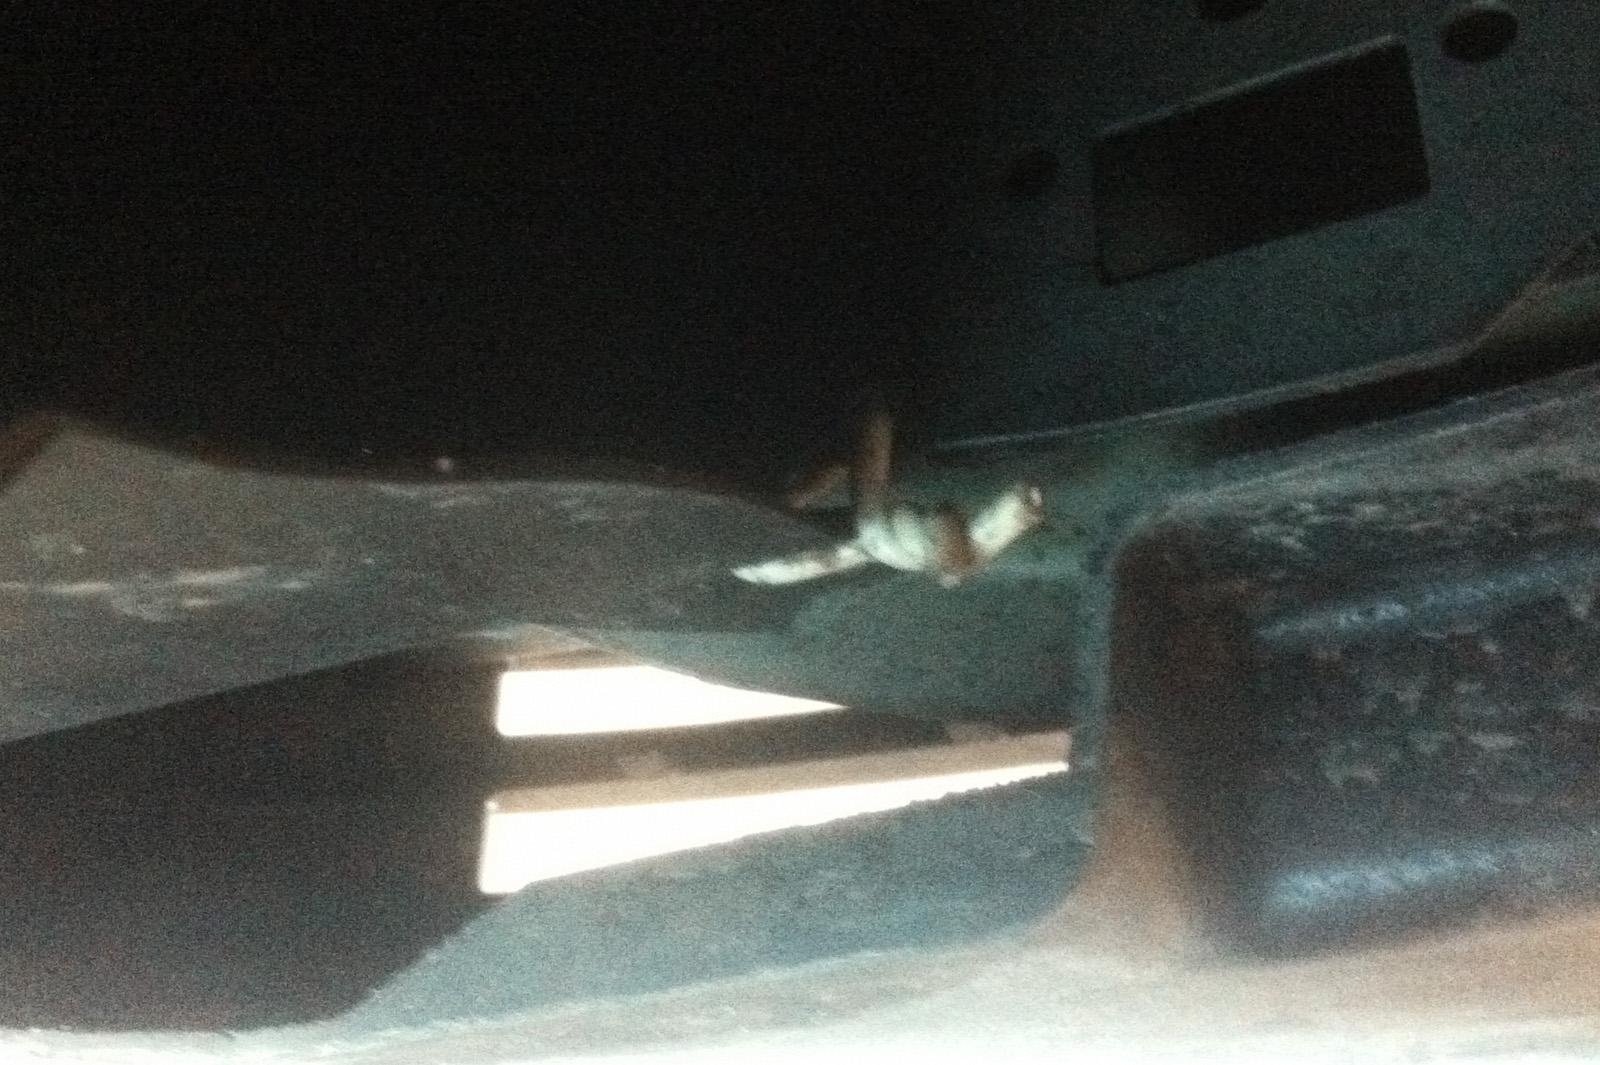 Вогнутый поддон двигателя Додж Калибр подтекает после удара